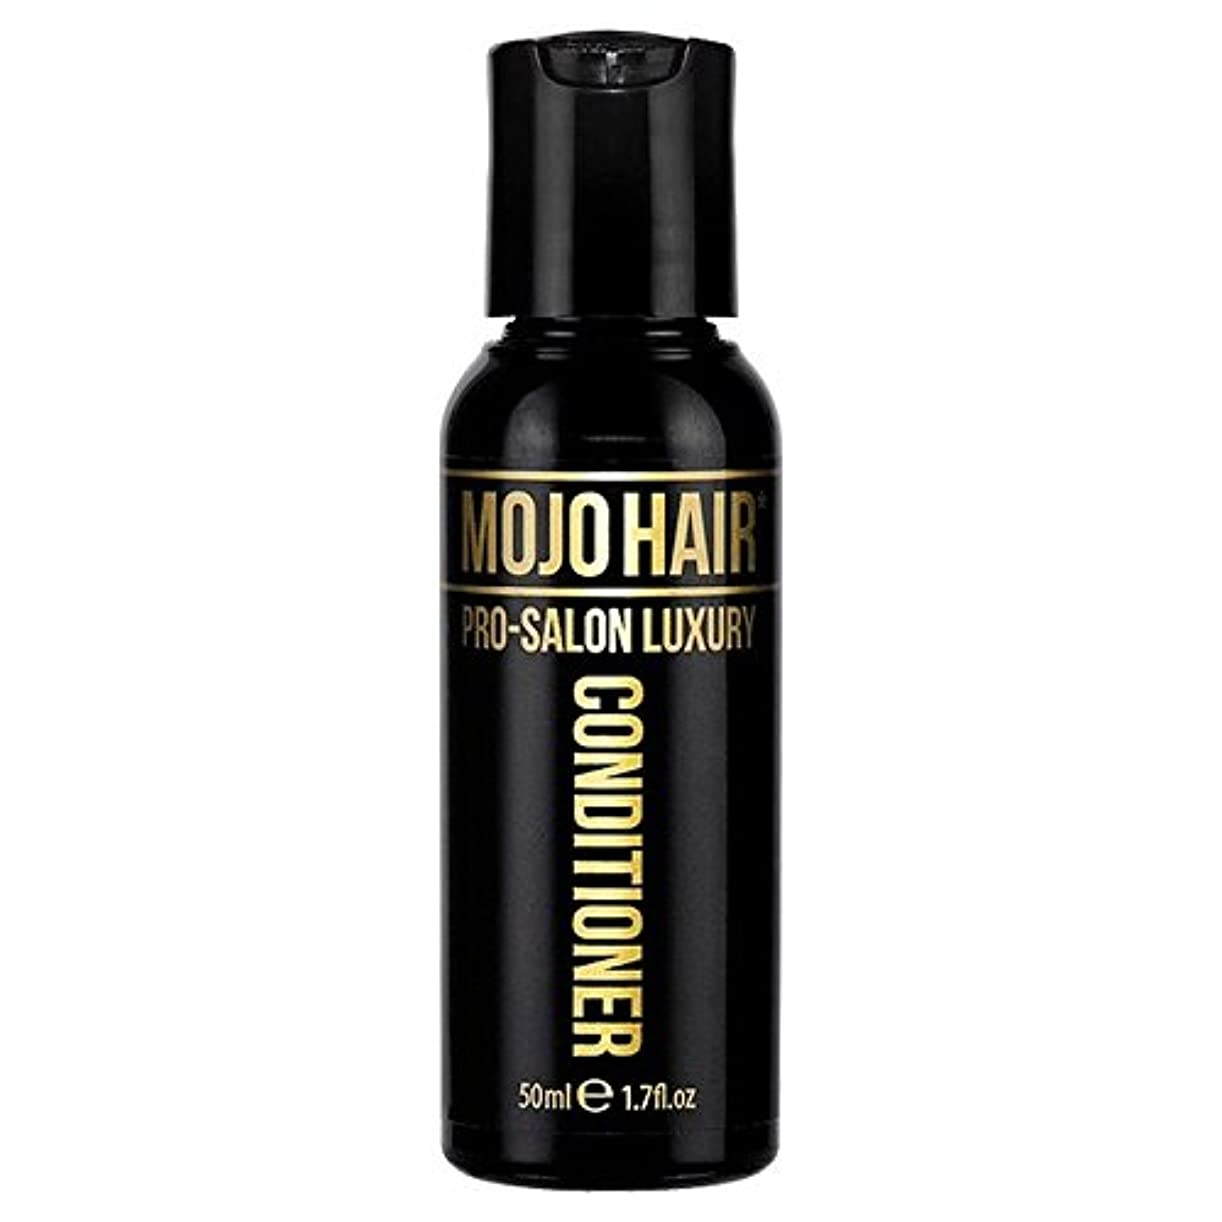 責火曜日ボーカル男性のためのモジョの毛プロのサロンの贅沢な香りコンディショナー、トラベルサイズの50ミリリットル x2 - MOJO HAIR Pro-Salon Luxury Fragrance Conditioner for Men...